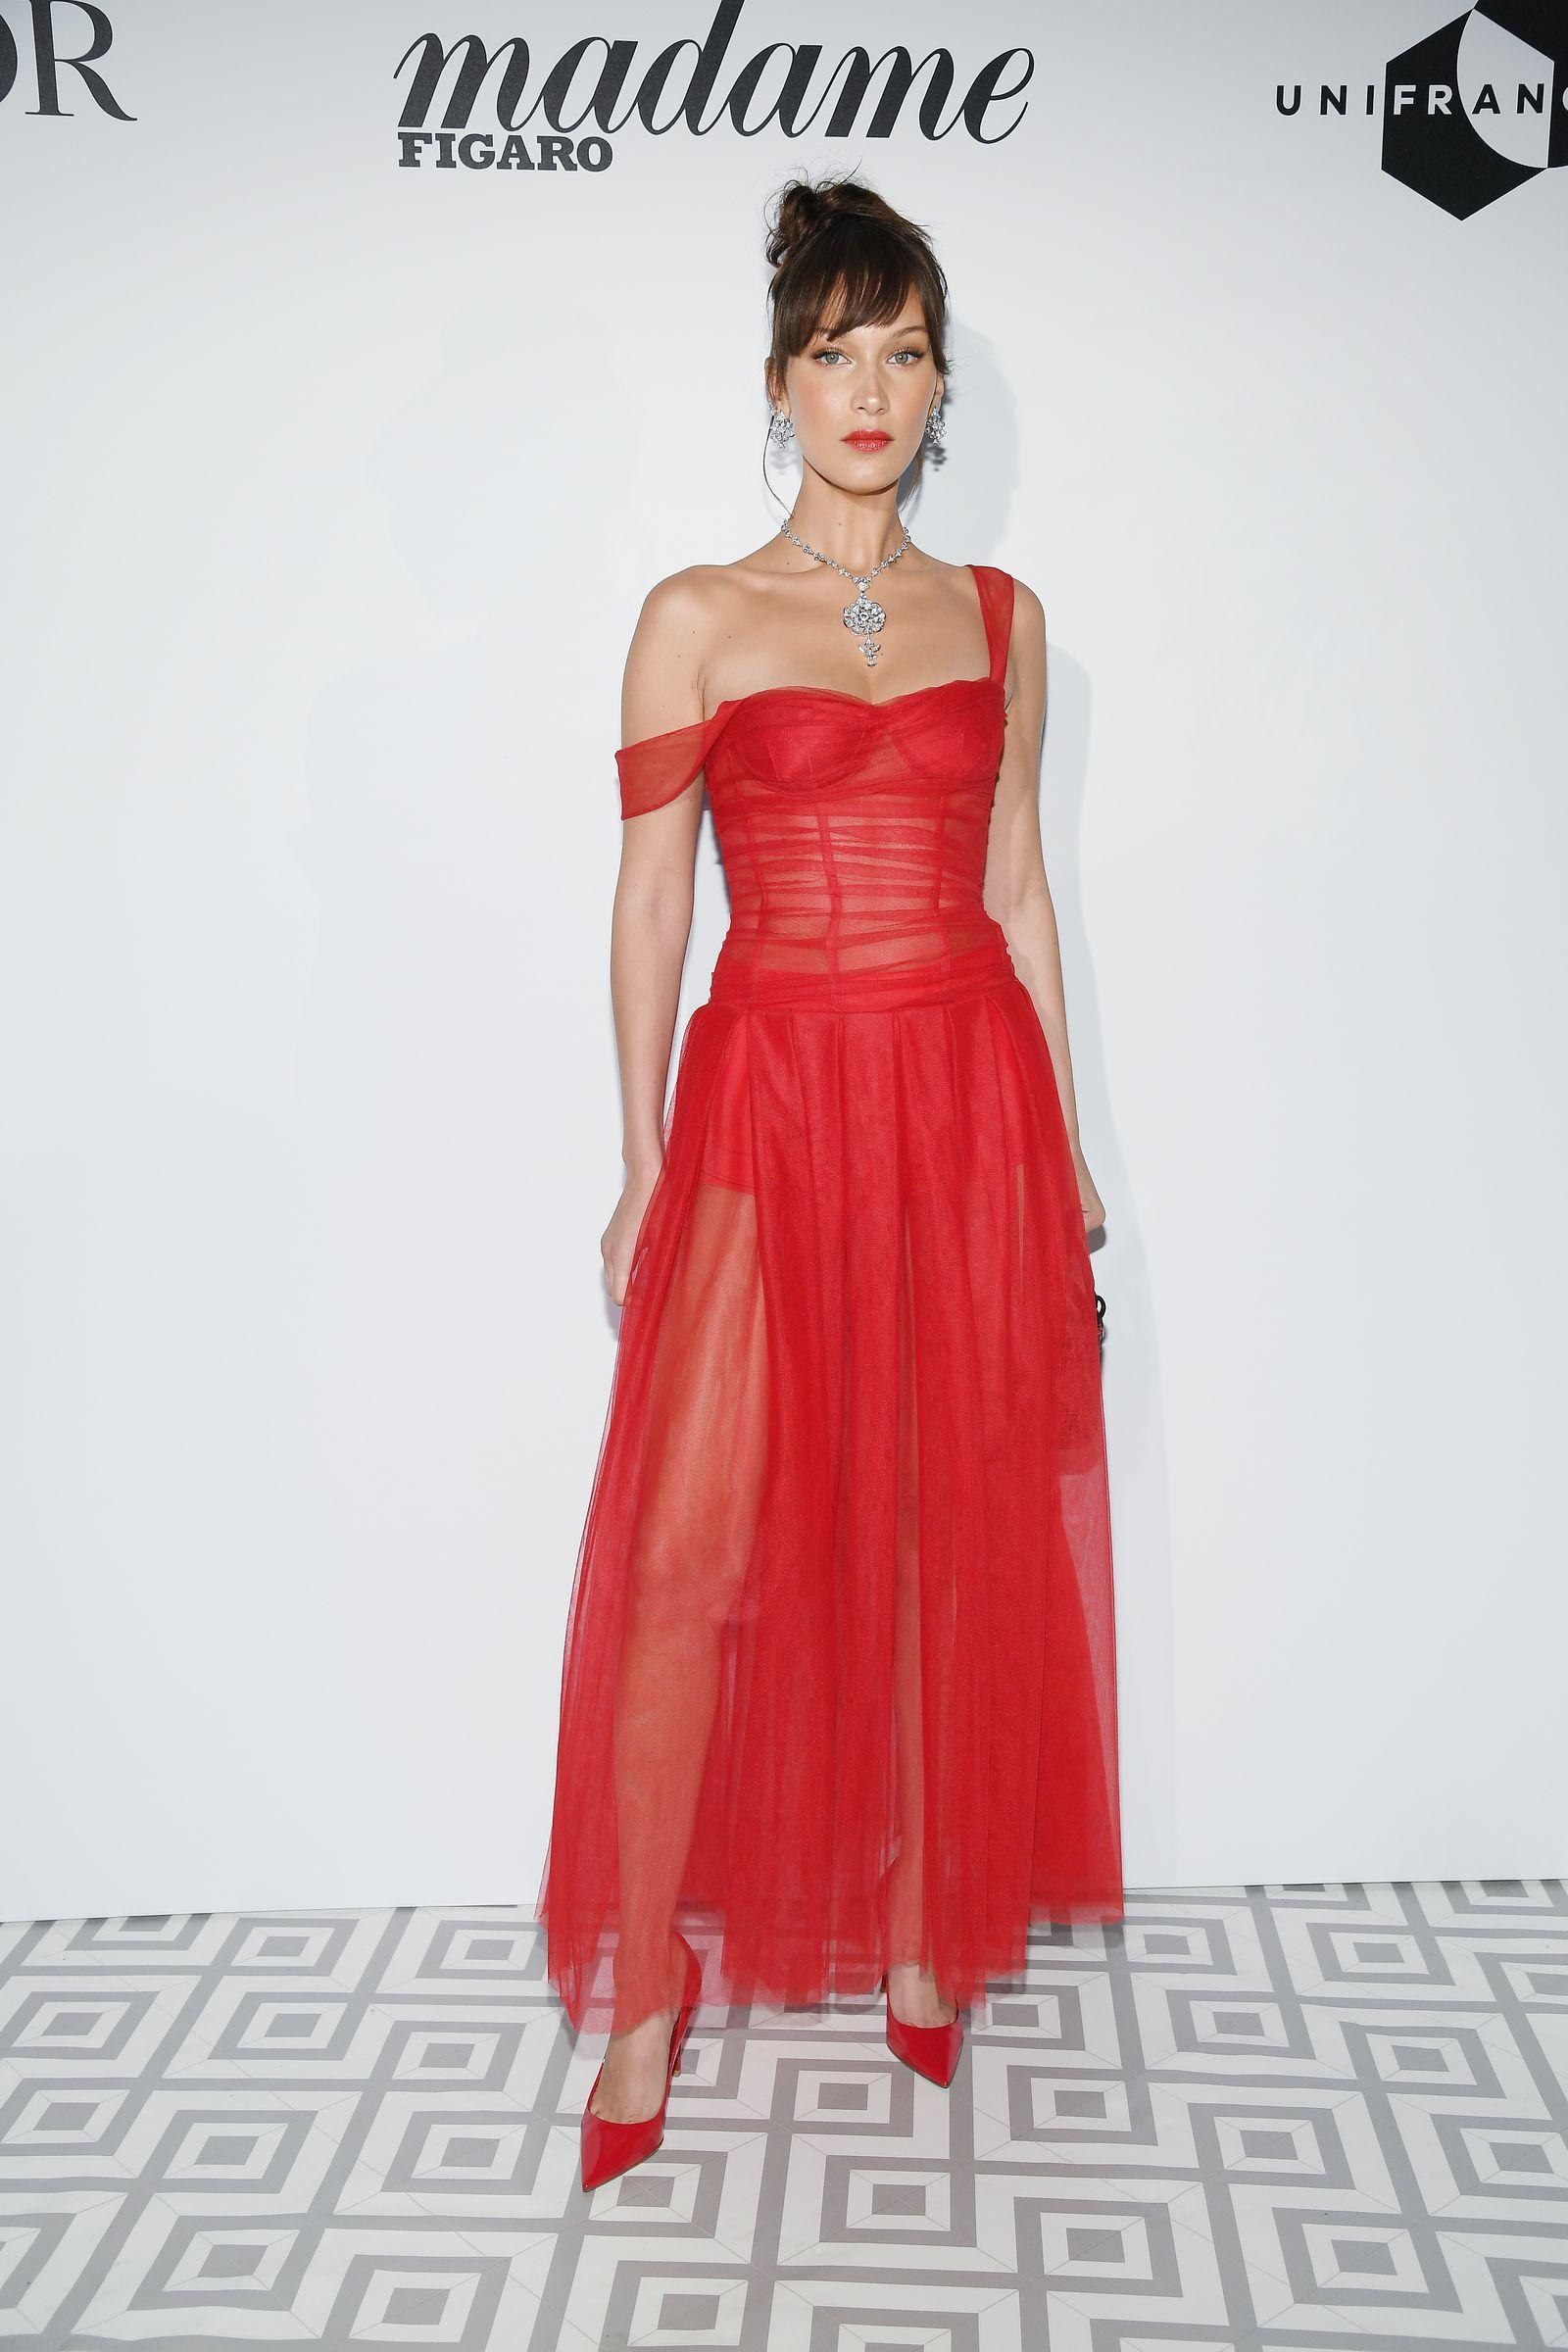 19+ Bella hadid red dress ideas